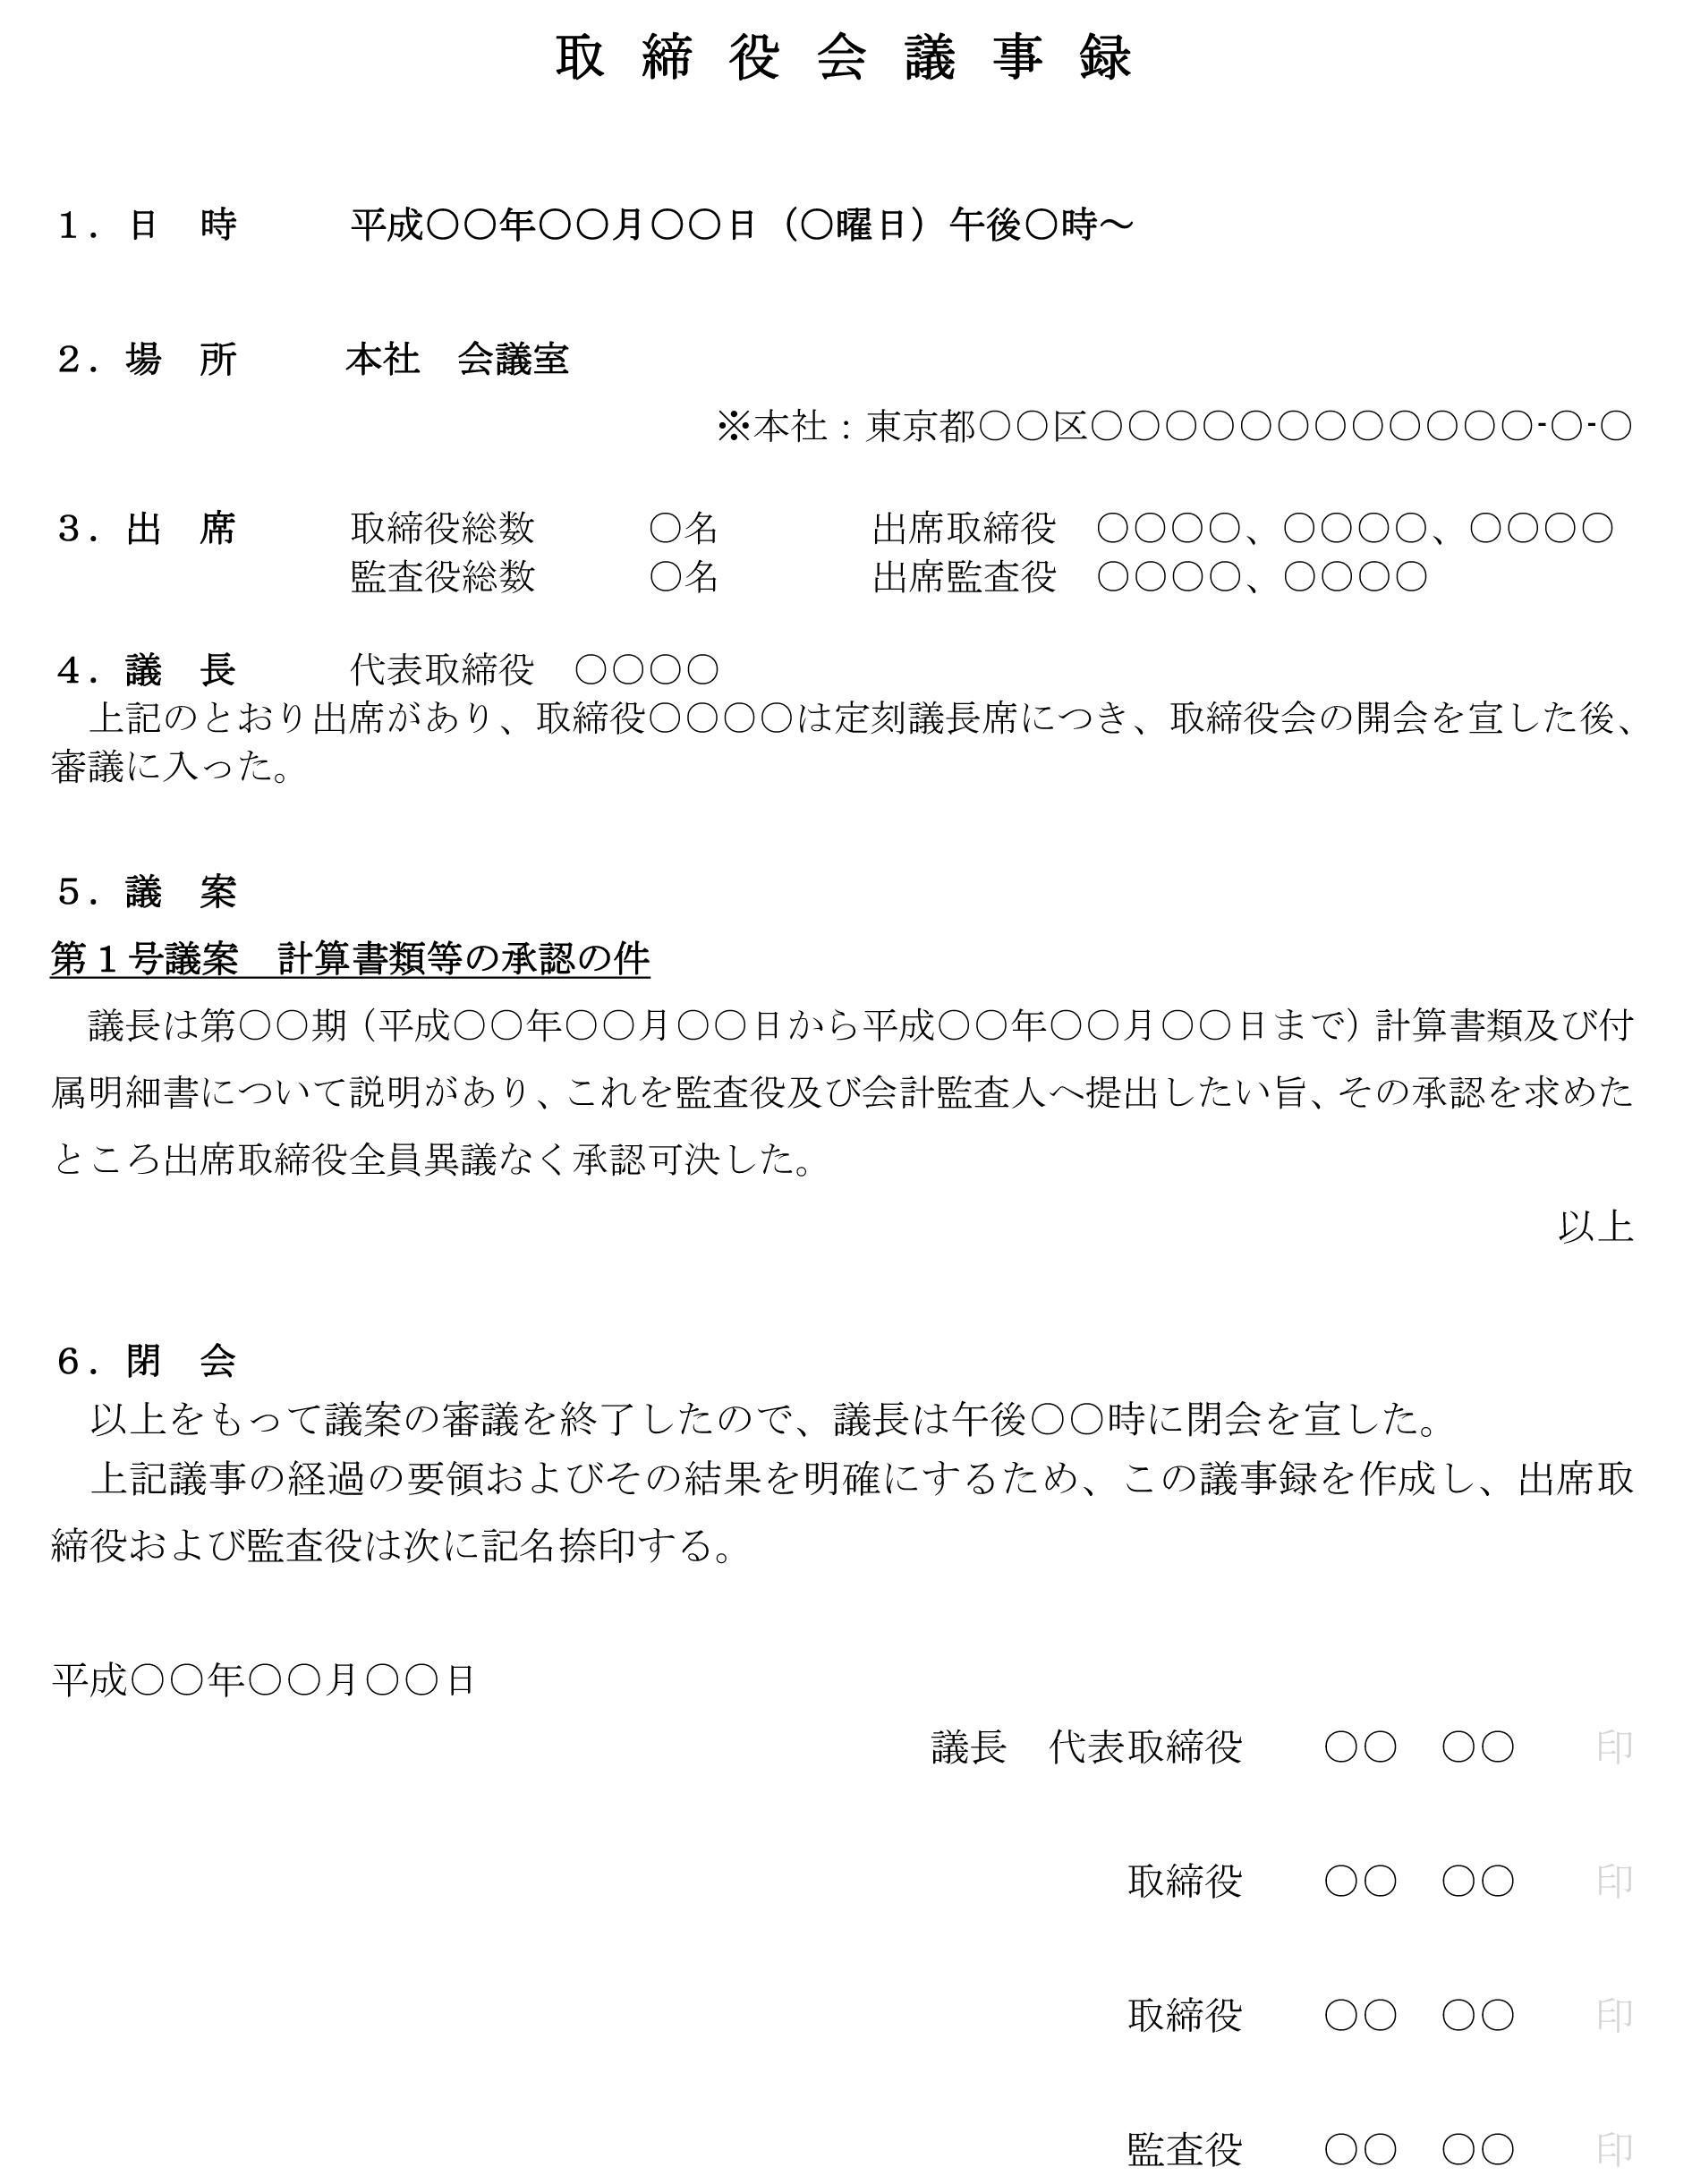 取締役会議事録(計算書類等の承認)